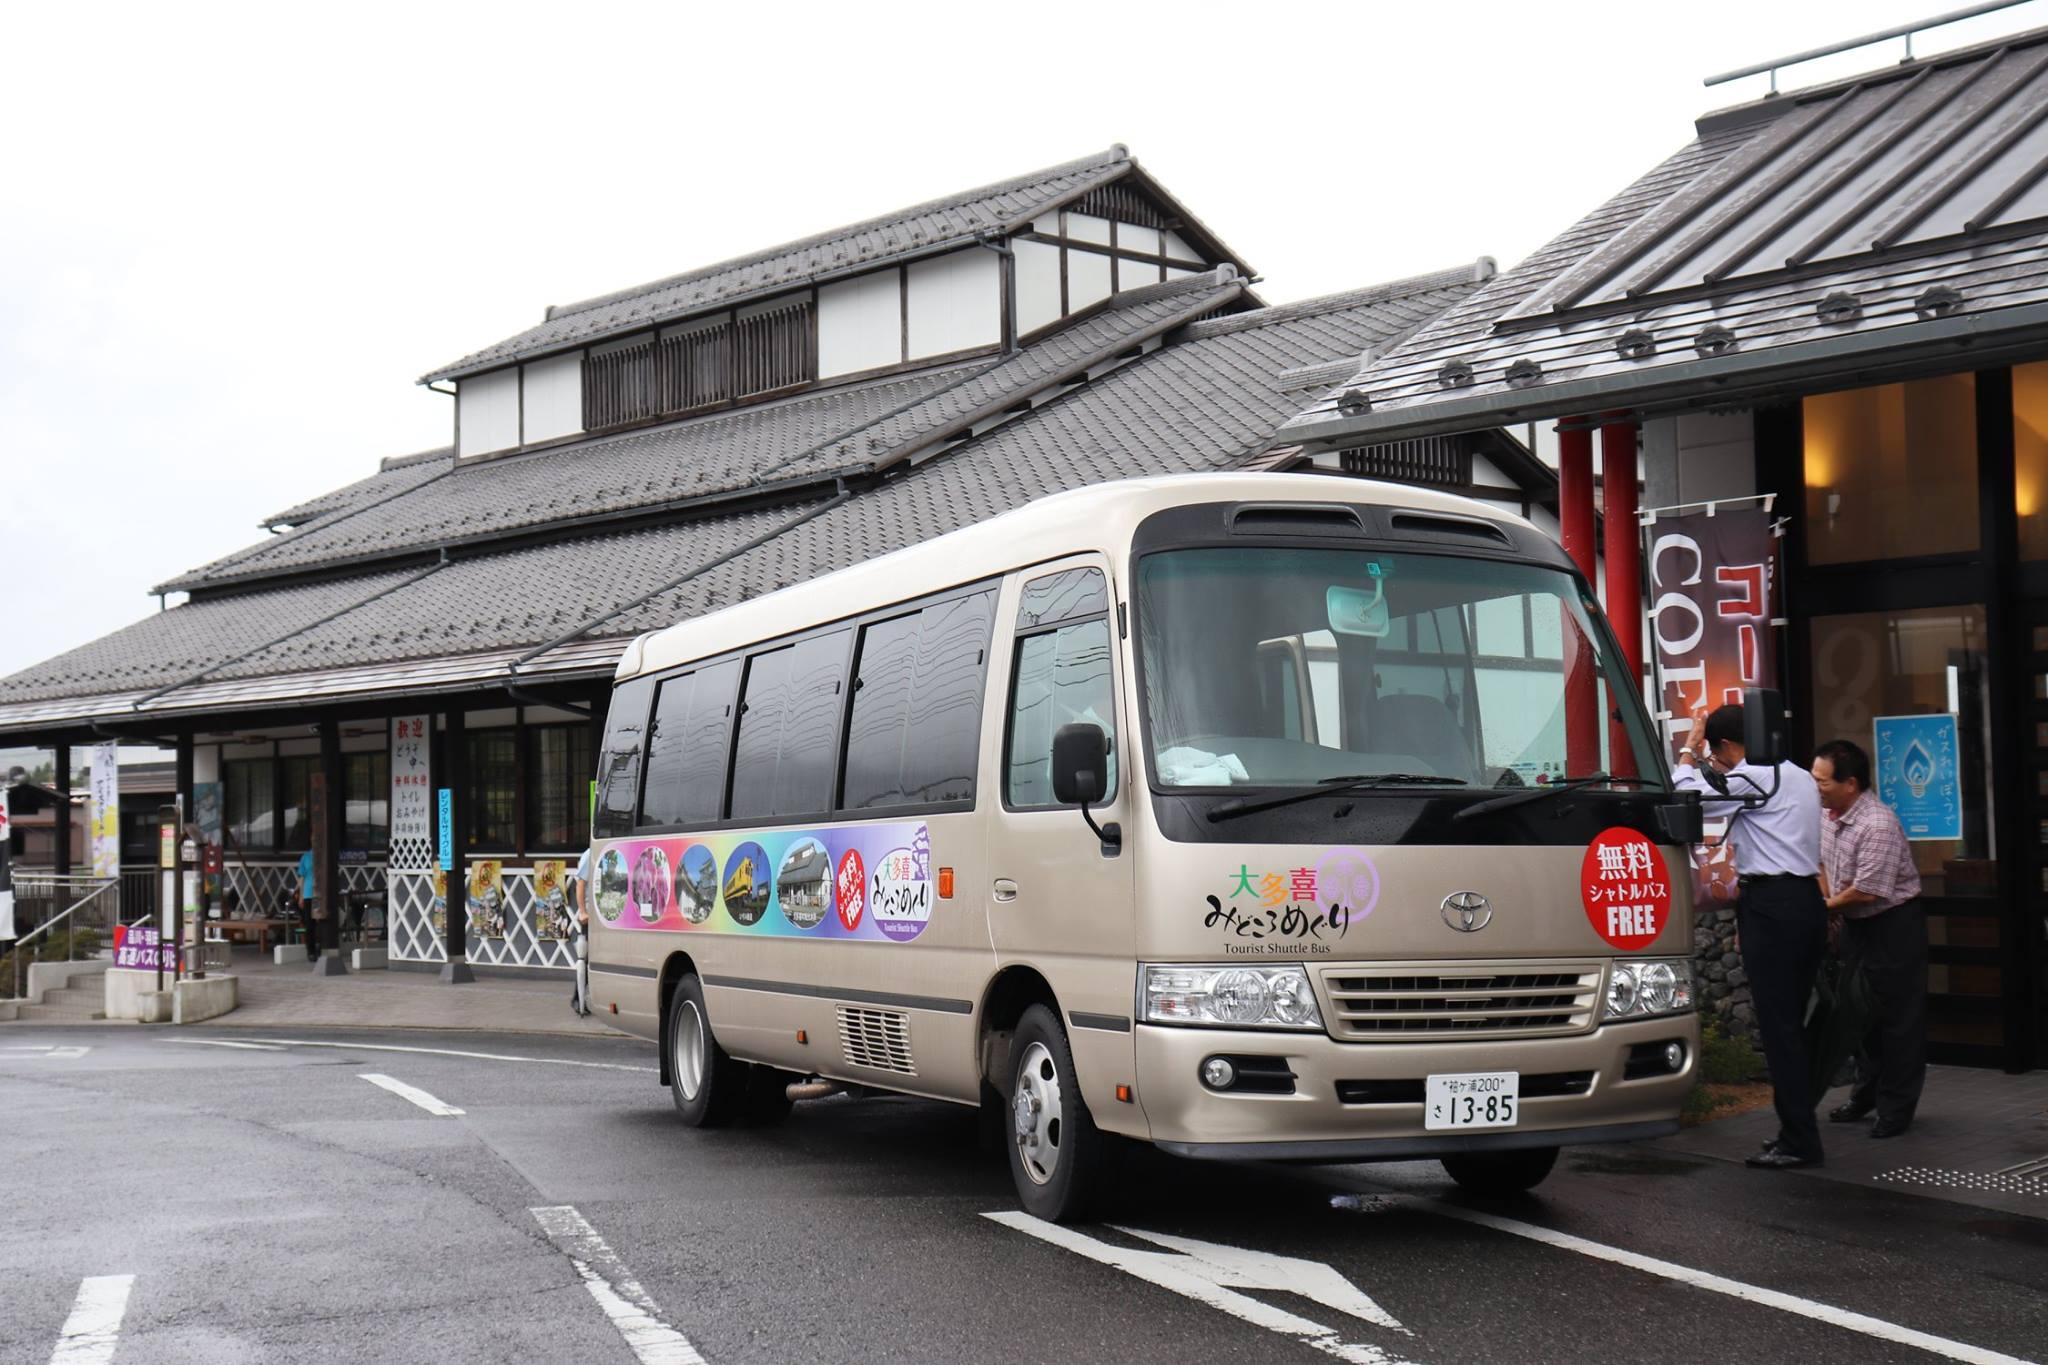 見どころめぐり無料シャトルバス運行中 - 大多喜町公式ホームページ